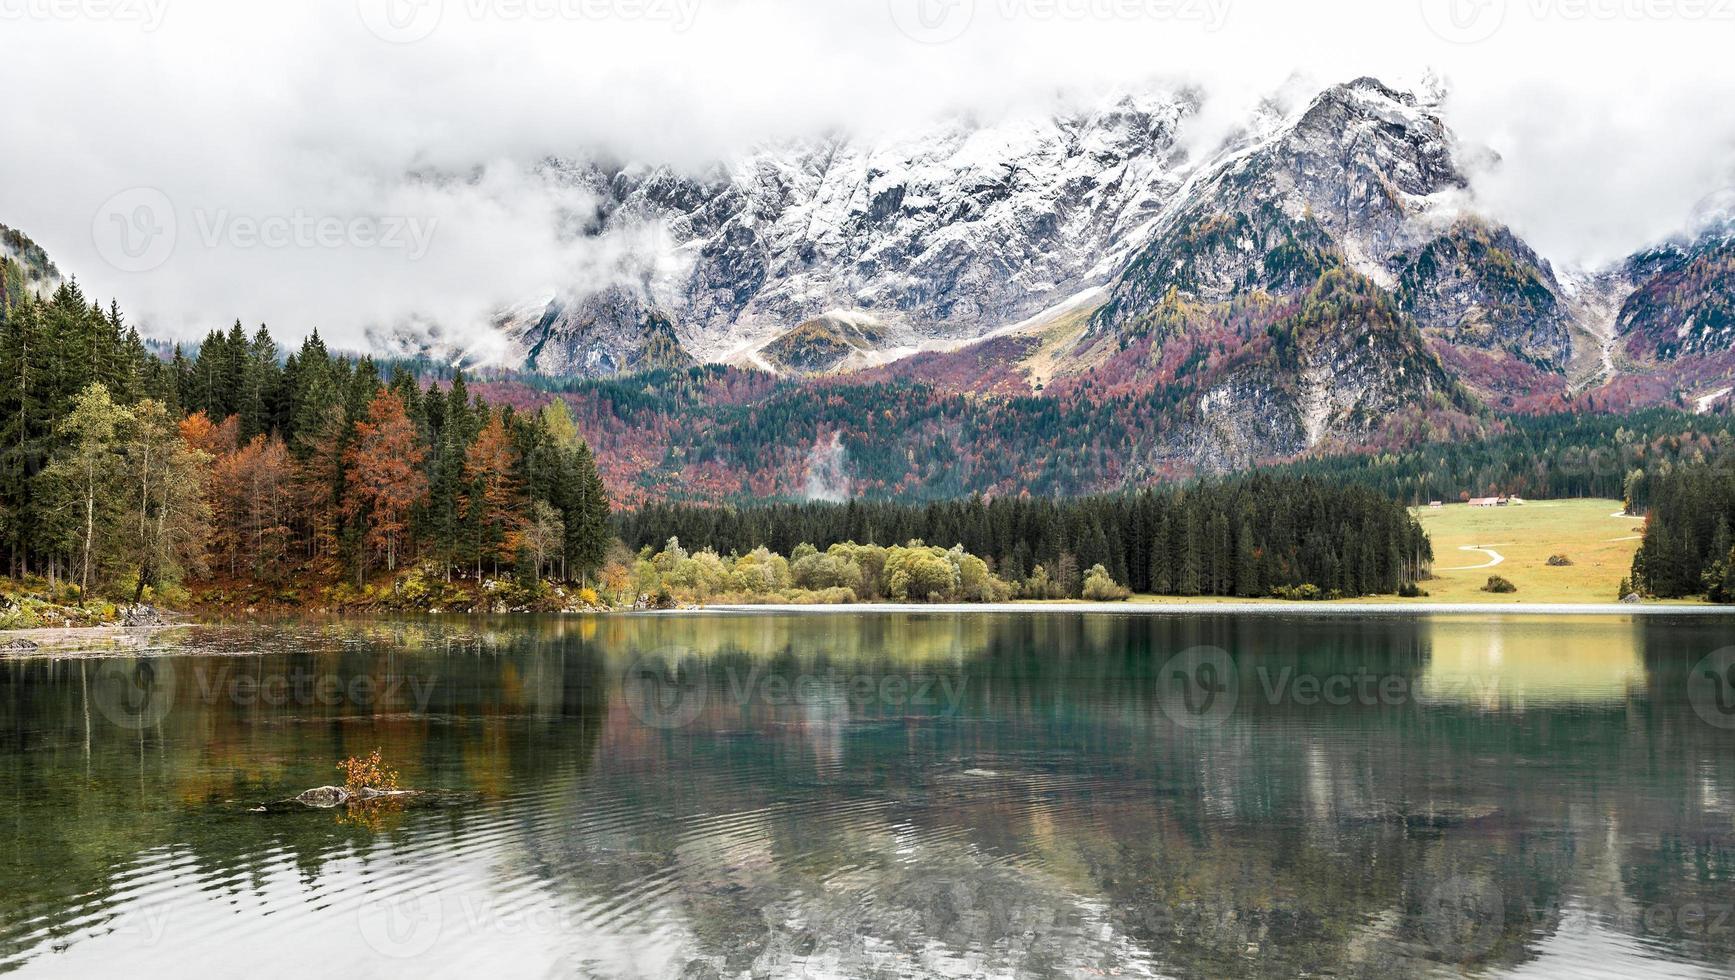 lago di fusine mangart sjö på hösten eller vintern foto